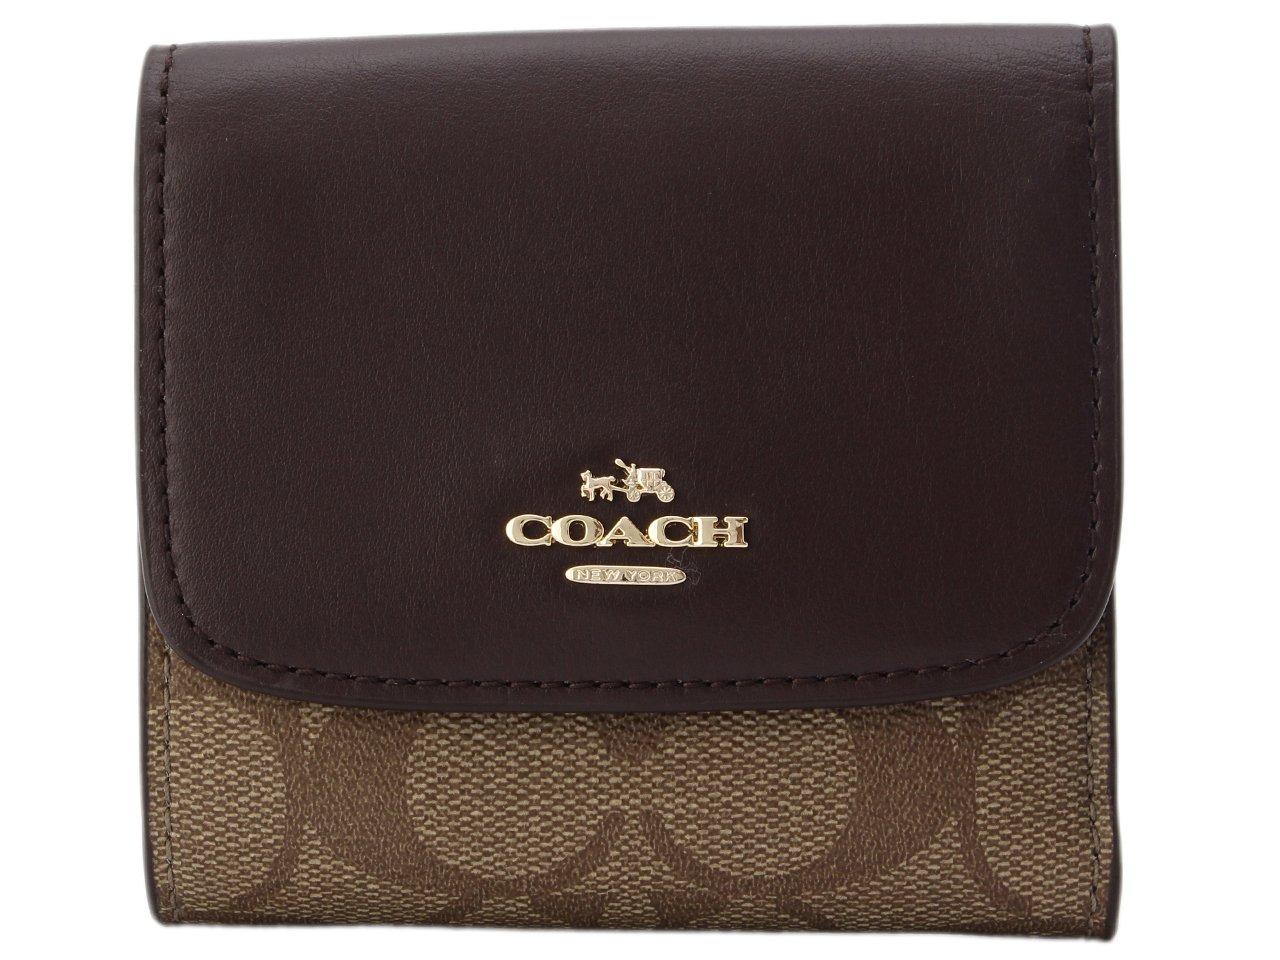 (コーチ) COACH 財布 三つ折り F87589 シグネチャー アウトレット [並行輸入品] B076BG9T86 カーキ/オックスブラッド カーキ/オックスブラッド